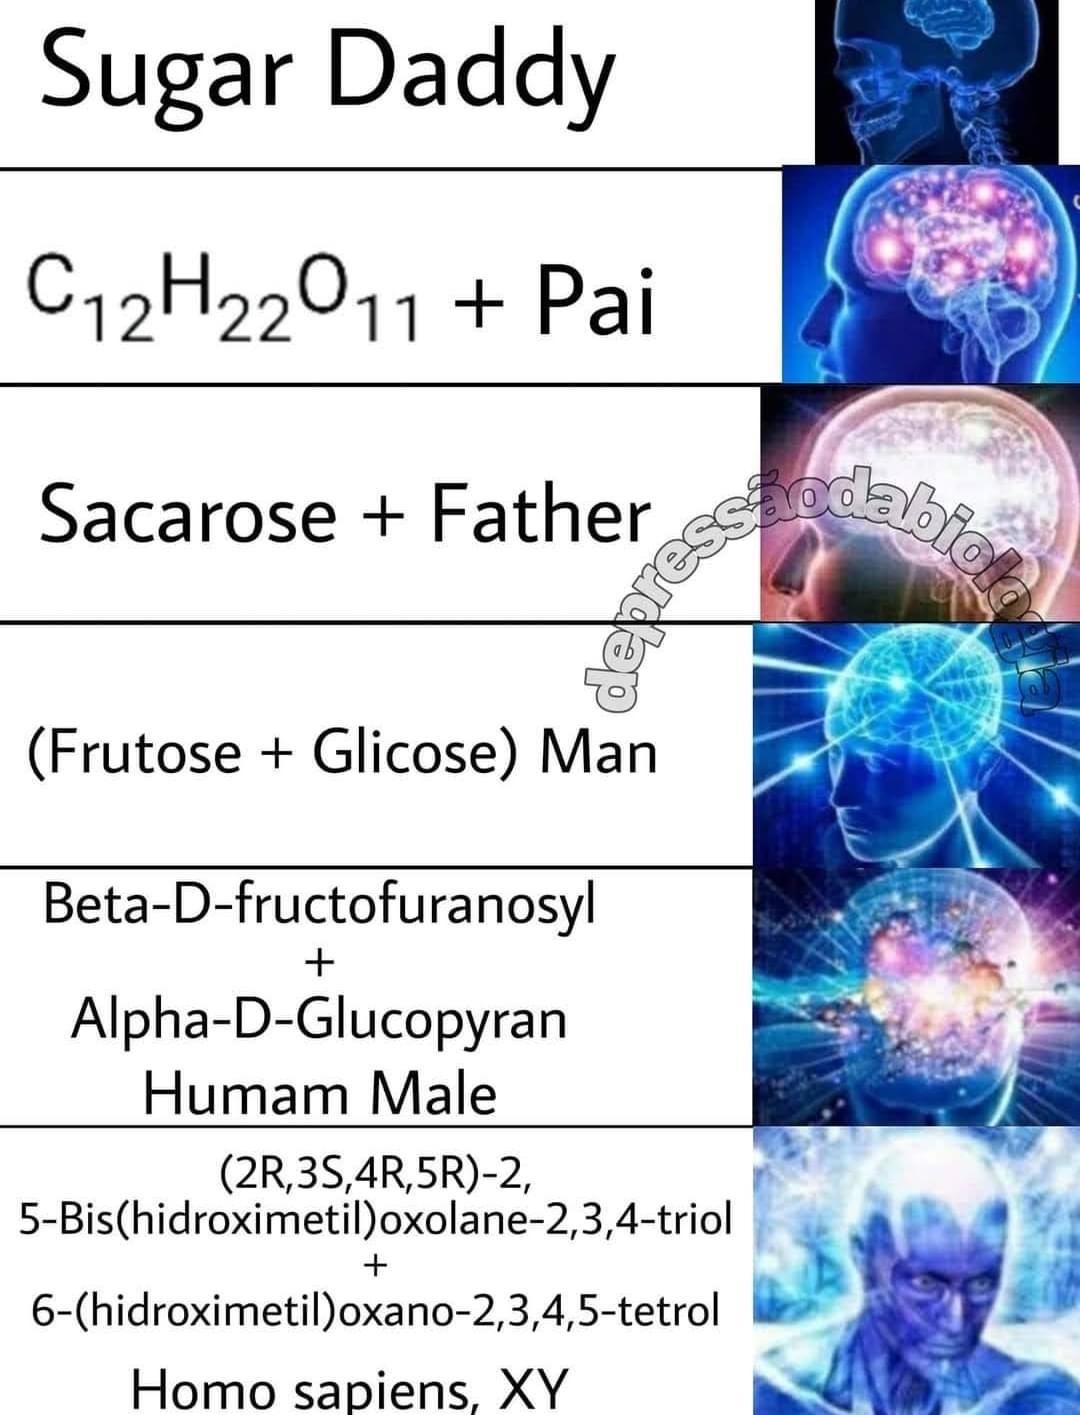 ta no ácido desoxirribonucleico - meme